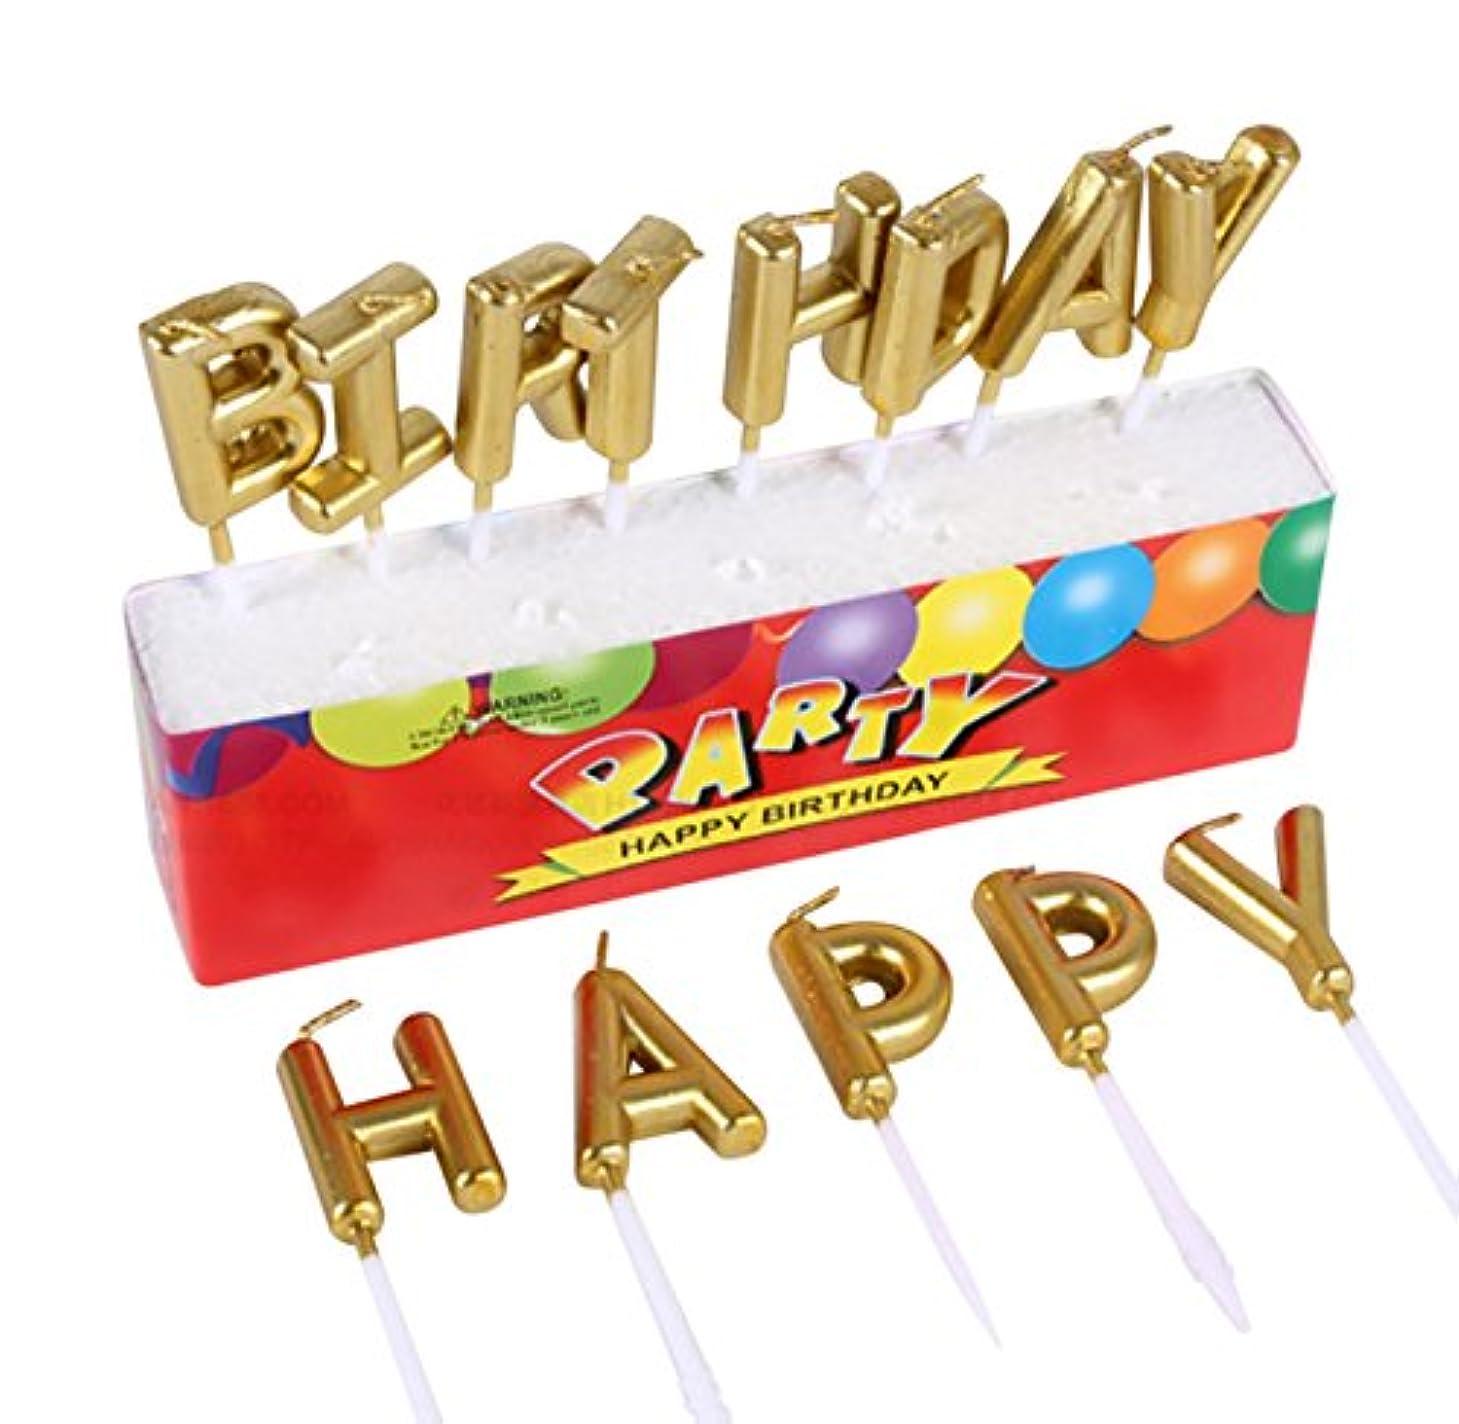 植物の視力白鳥Birthday キャンドル 金色 お誕生日 ハッピー バースデー